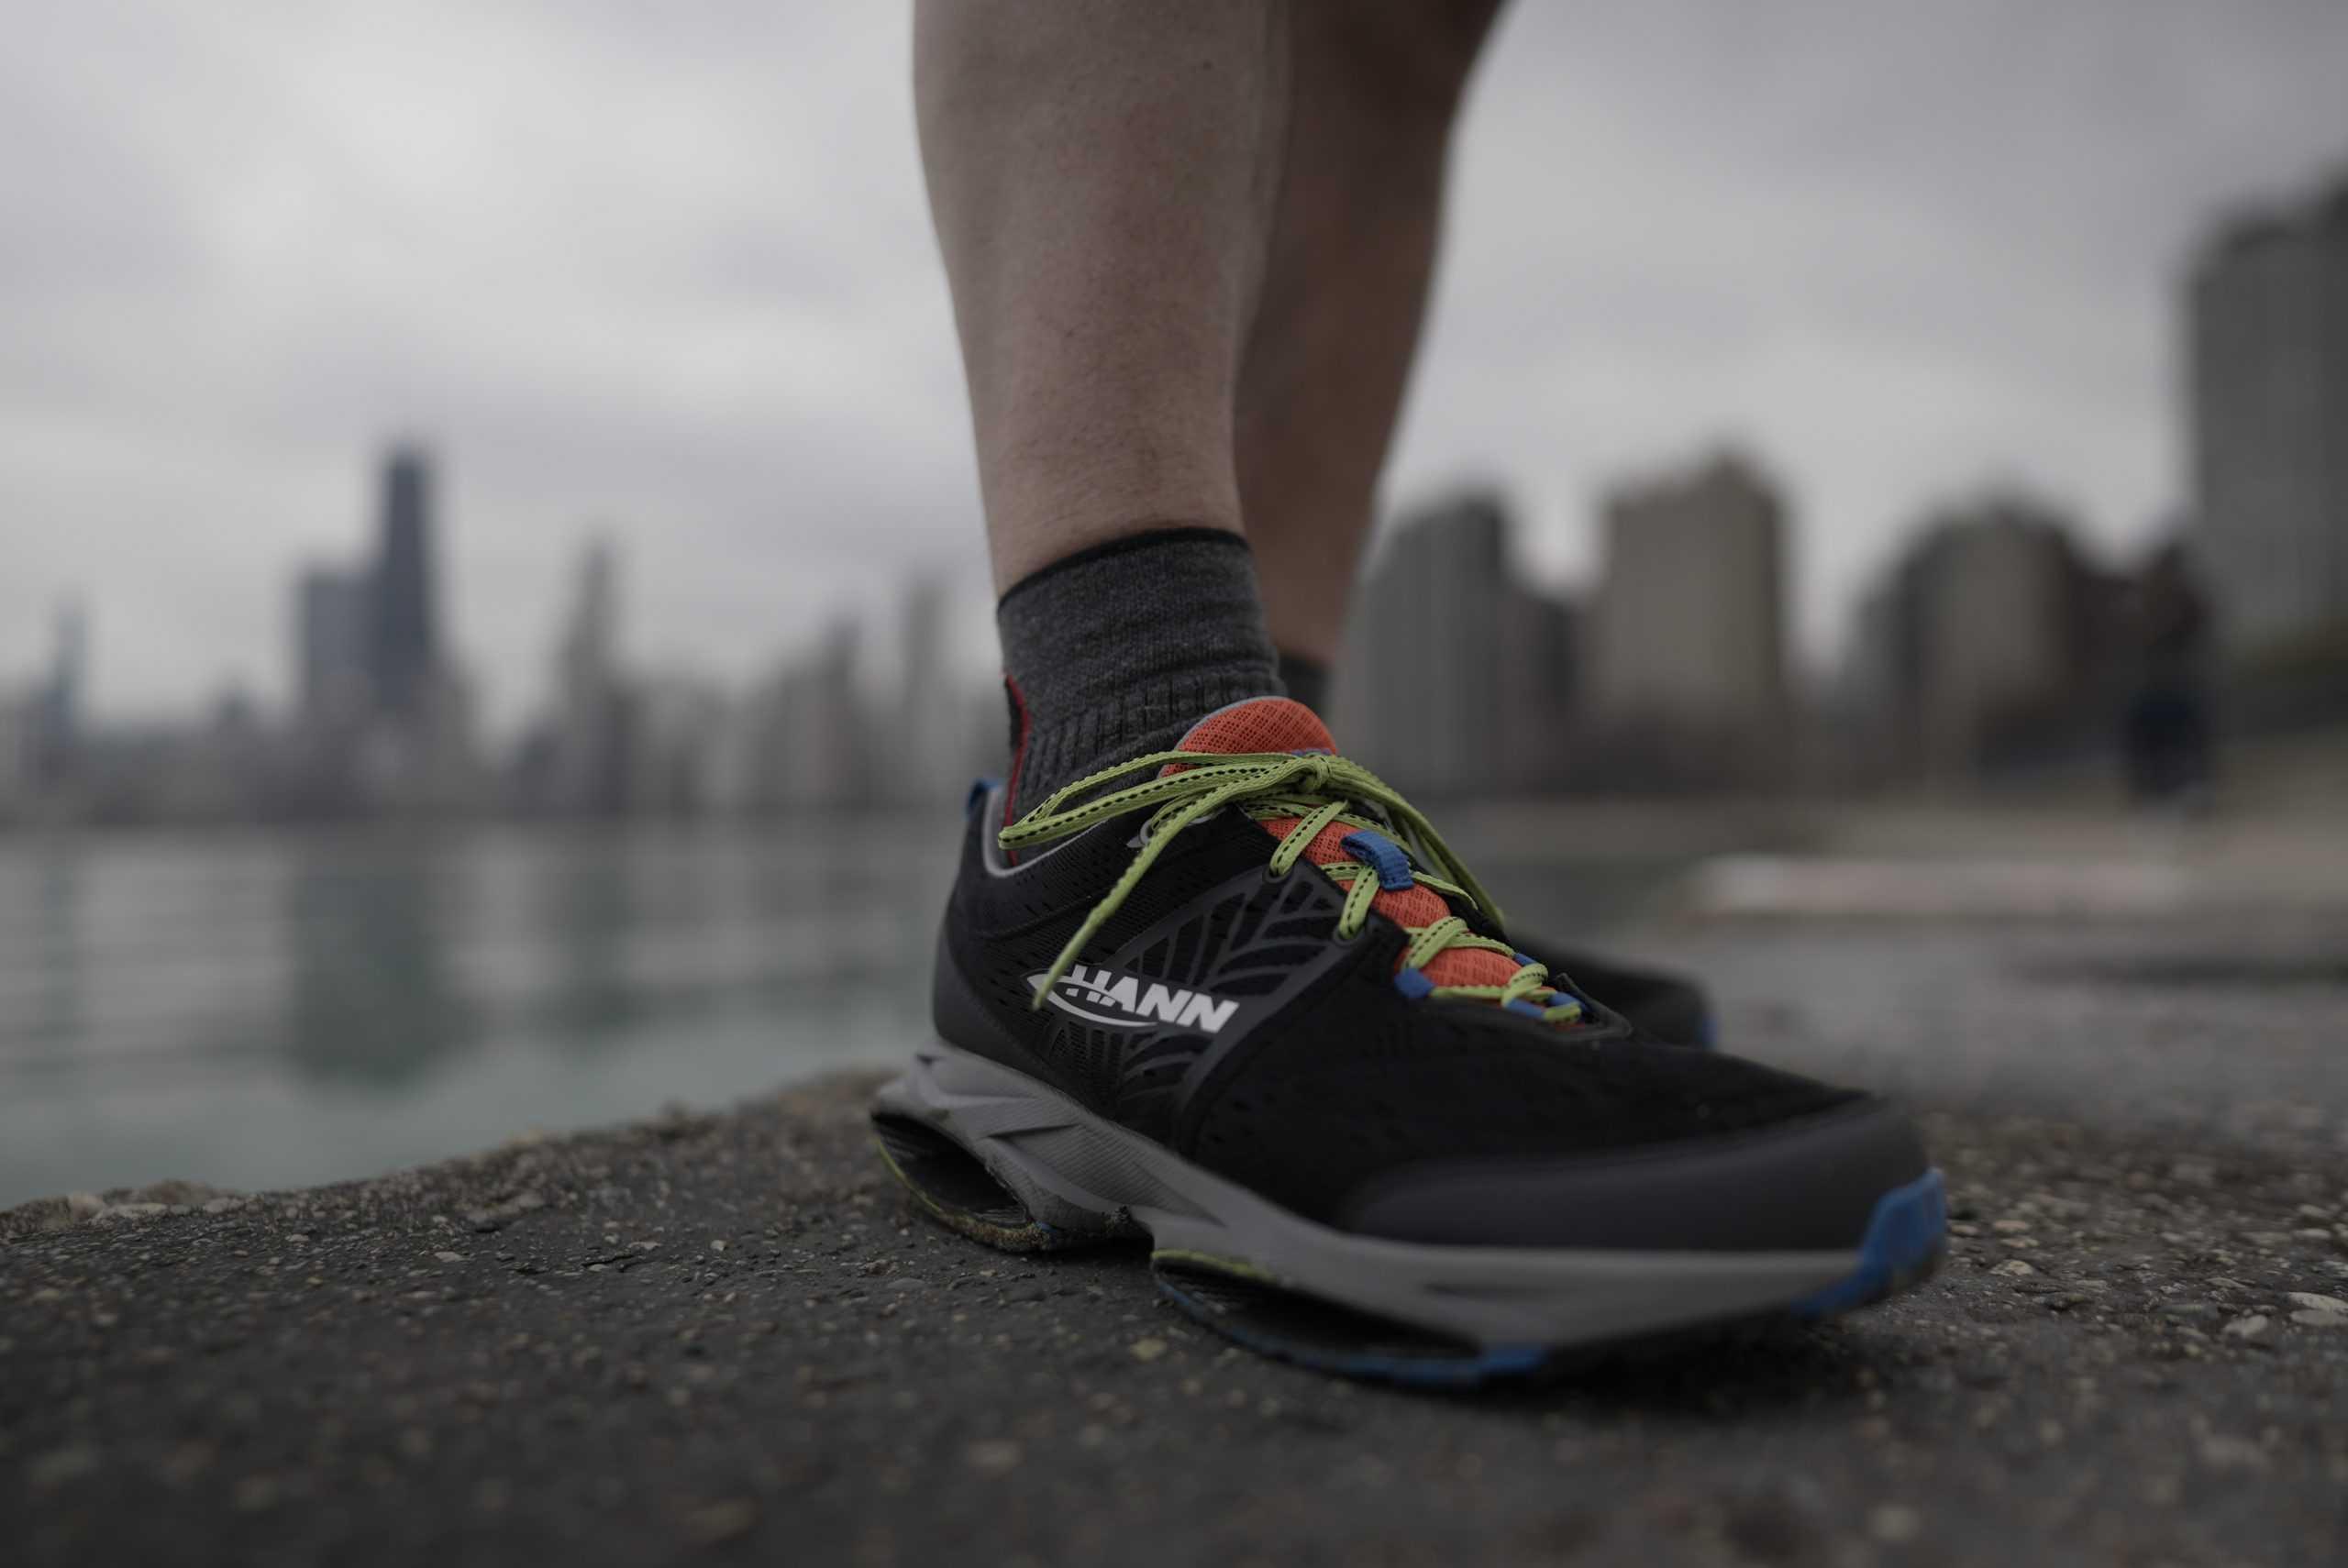 hann running shoes